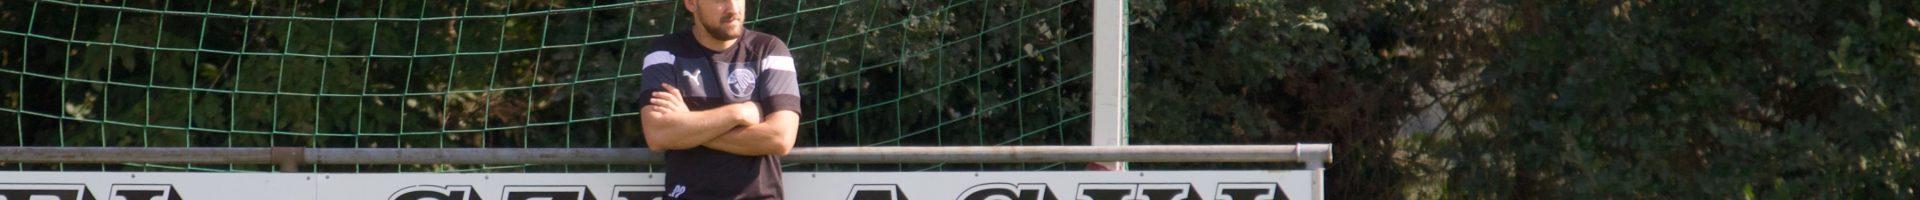 Bilder vom Spiel FCH I – VfB Waldshut